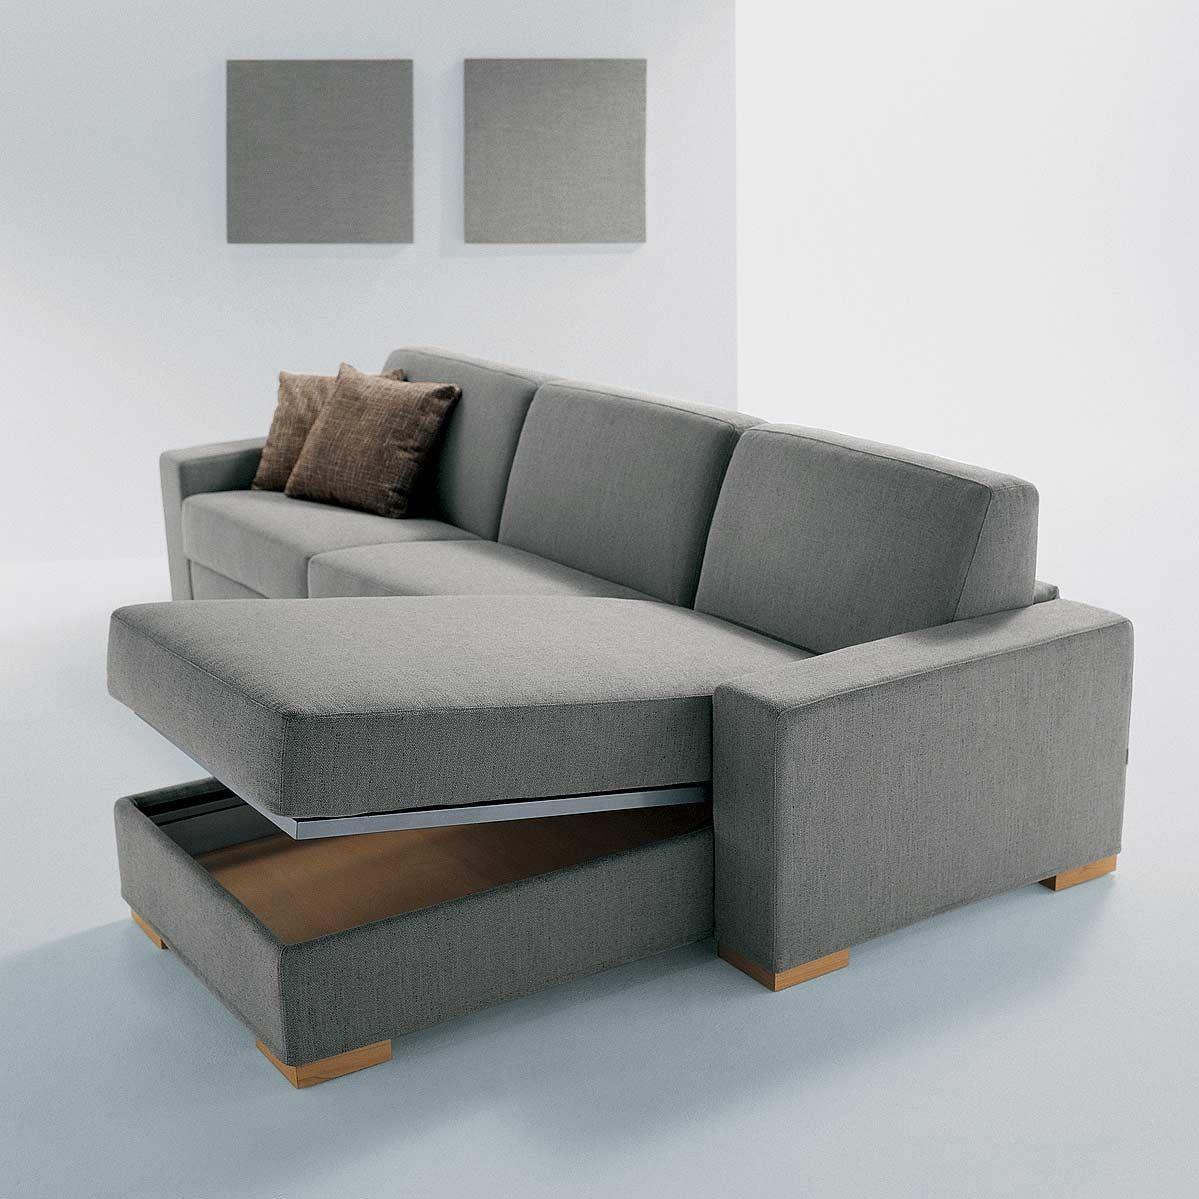 15+ L Förmigen Sofa Bett Hausmobel.info Schlafsofa